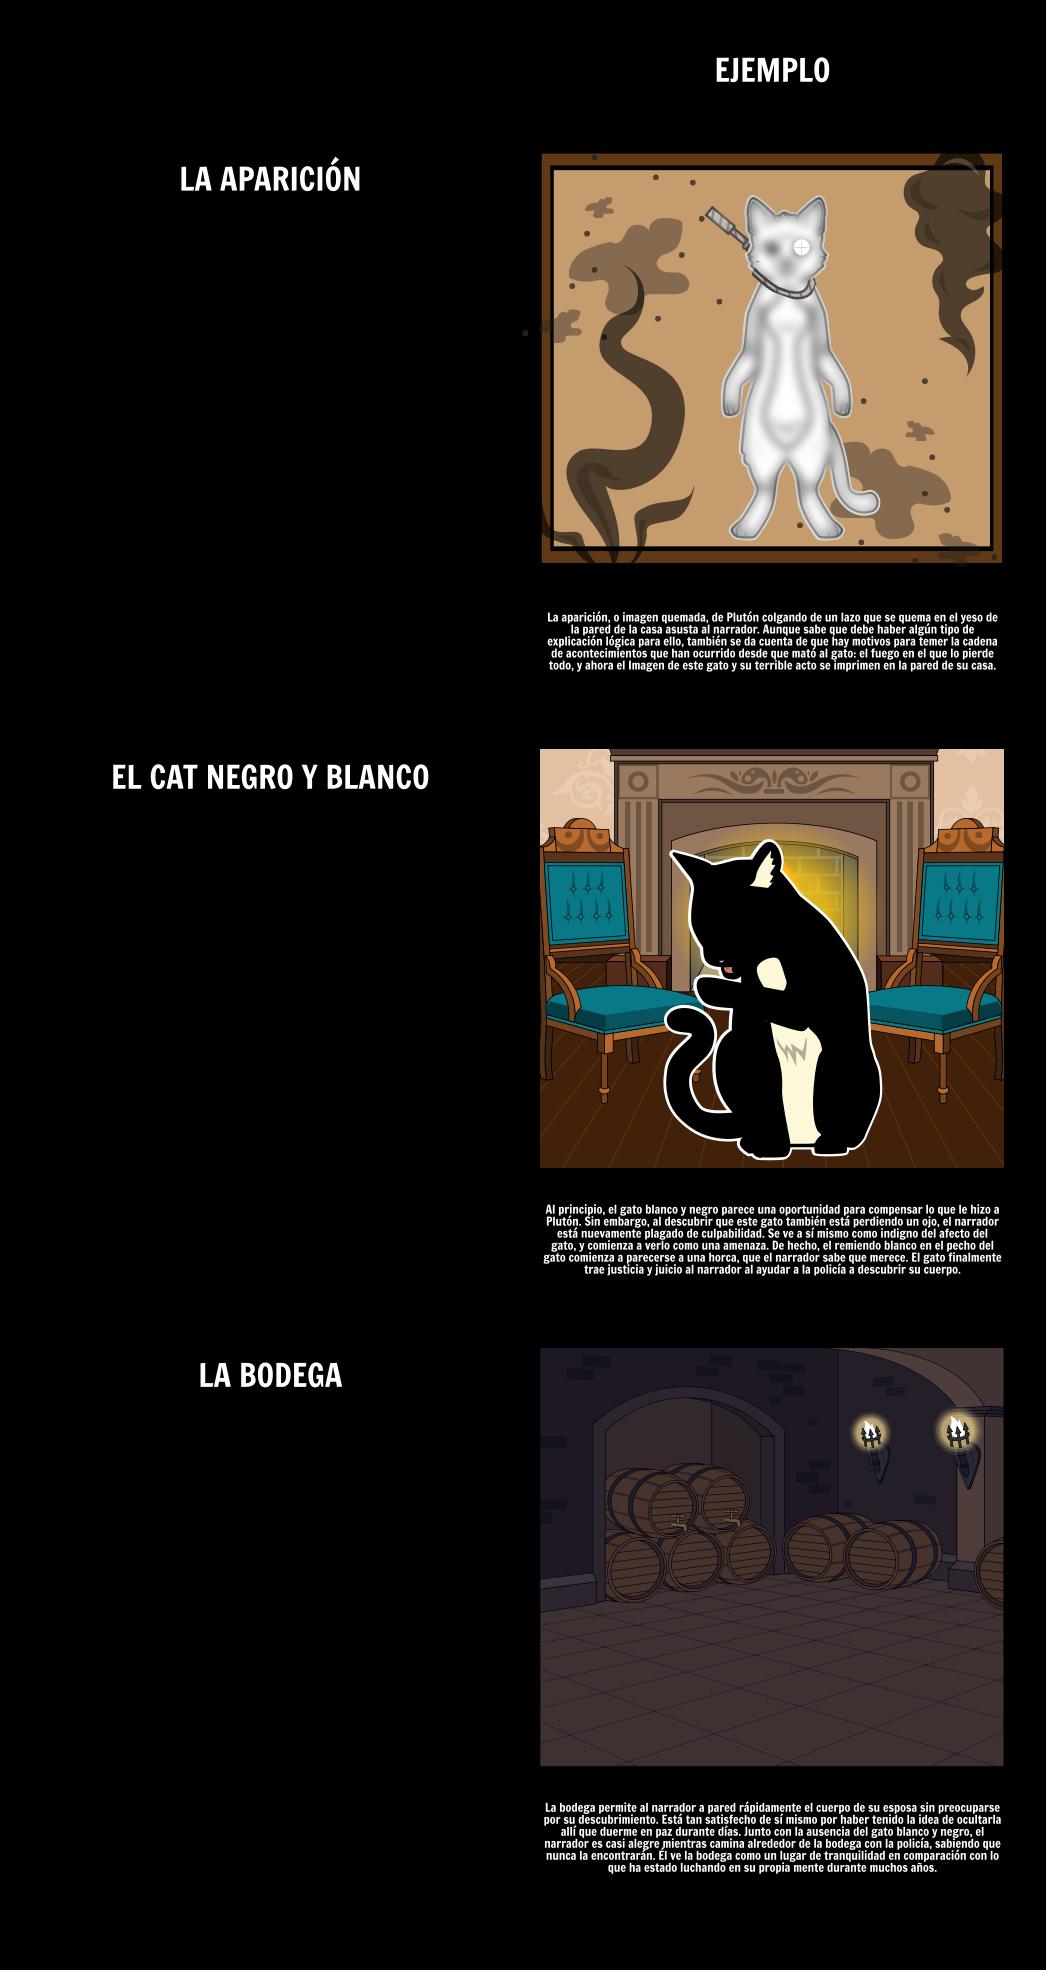 The Black Cat Edgar Allan Poe Análisis y Resumen | El